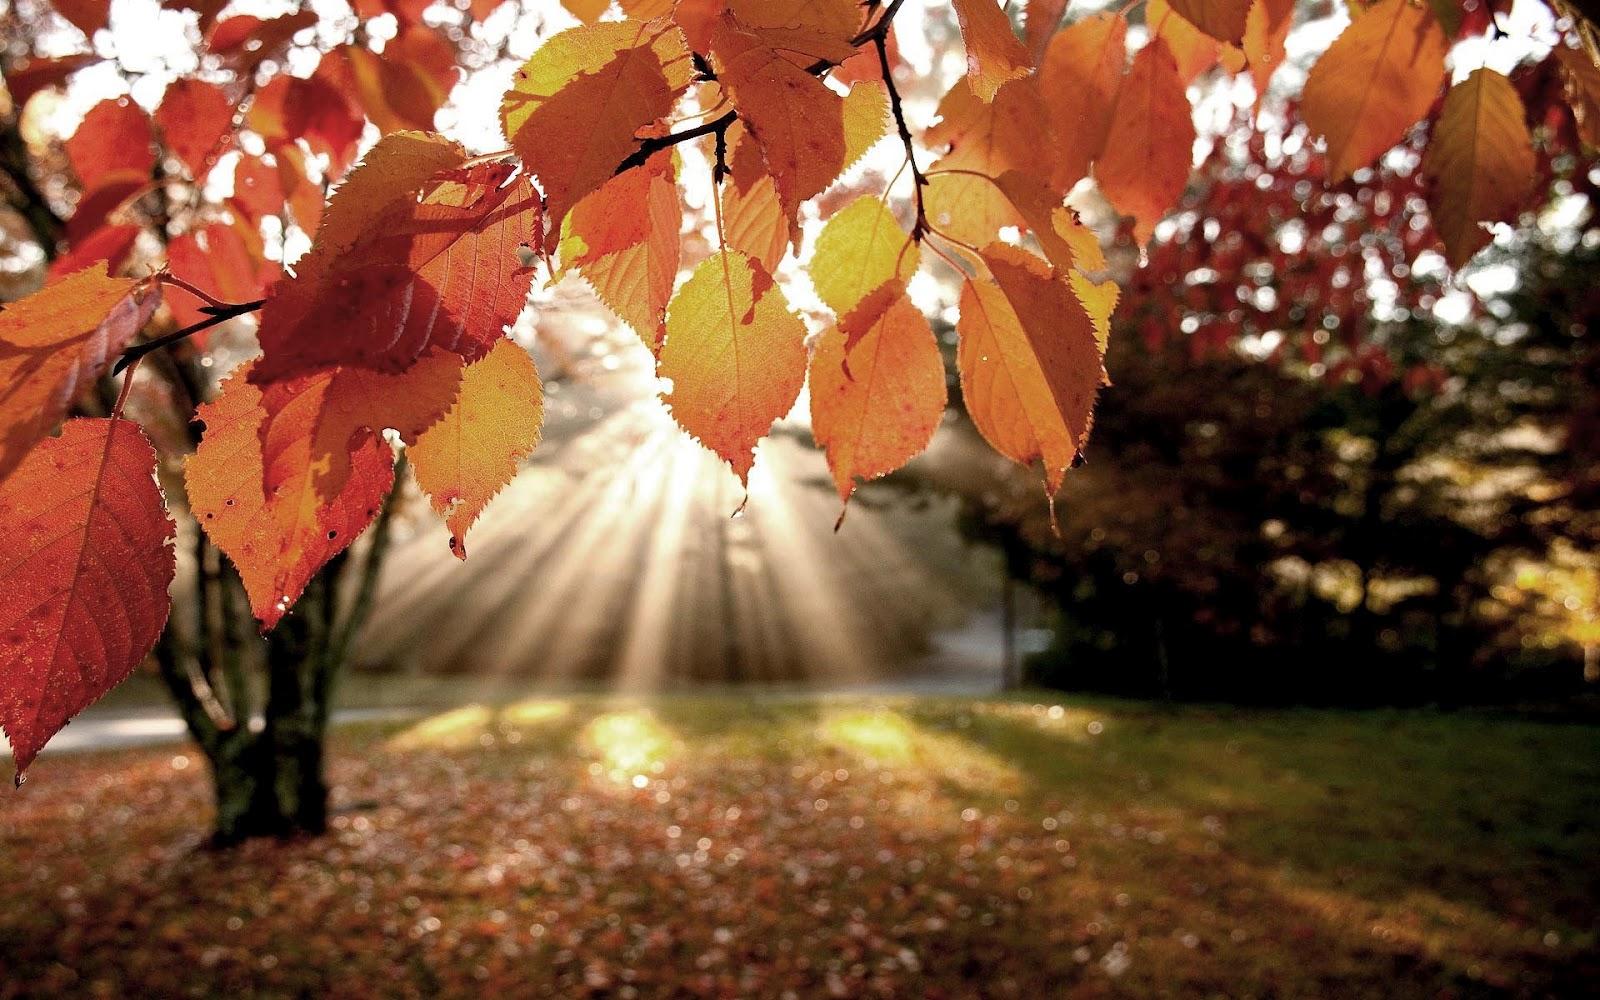 http://4.bp.blogspot.com/-4aFquxhyg2Y/UGIXDleZjFI/AAAAAAAAEDA/wP_V_IgyV0Y/s1600/hd-mooie-herfst-achtergrond-met-herfstbladeren-en-een-opkomende-zon-hd-herfst-wallpaper-foto.jpg